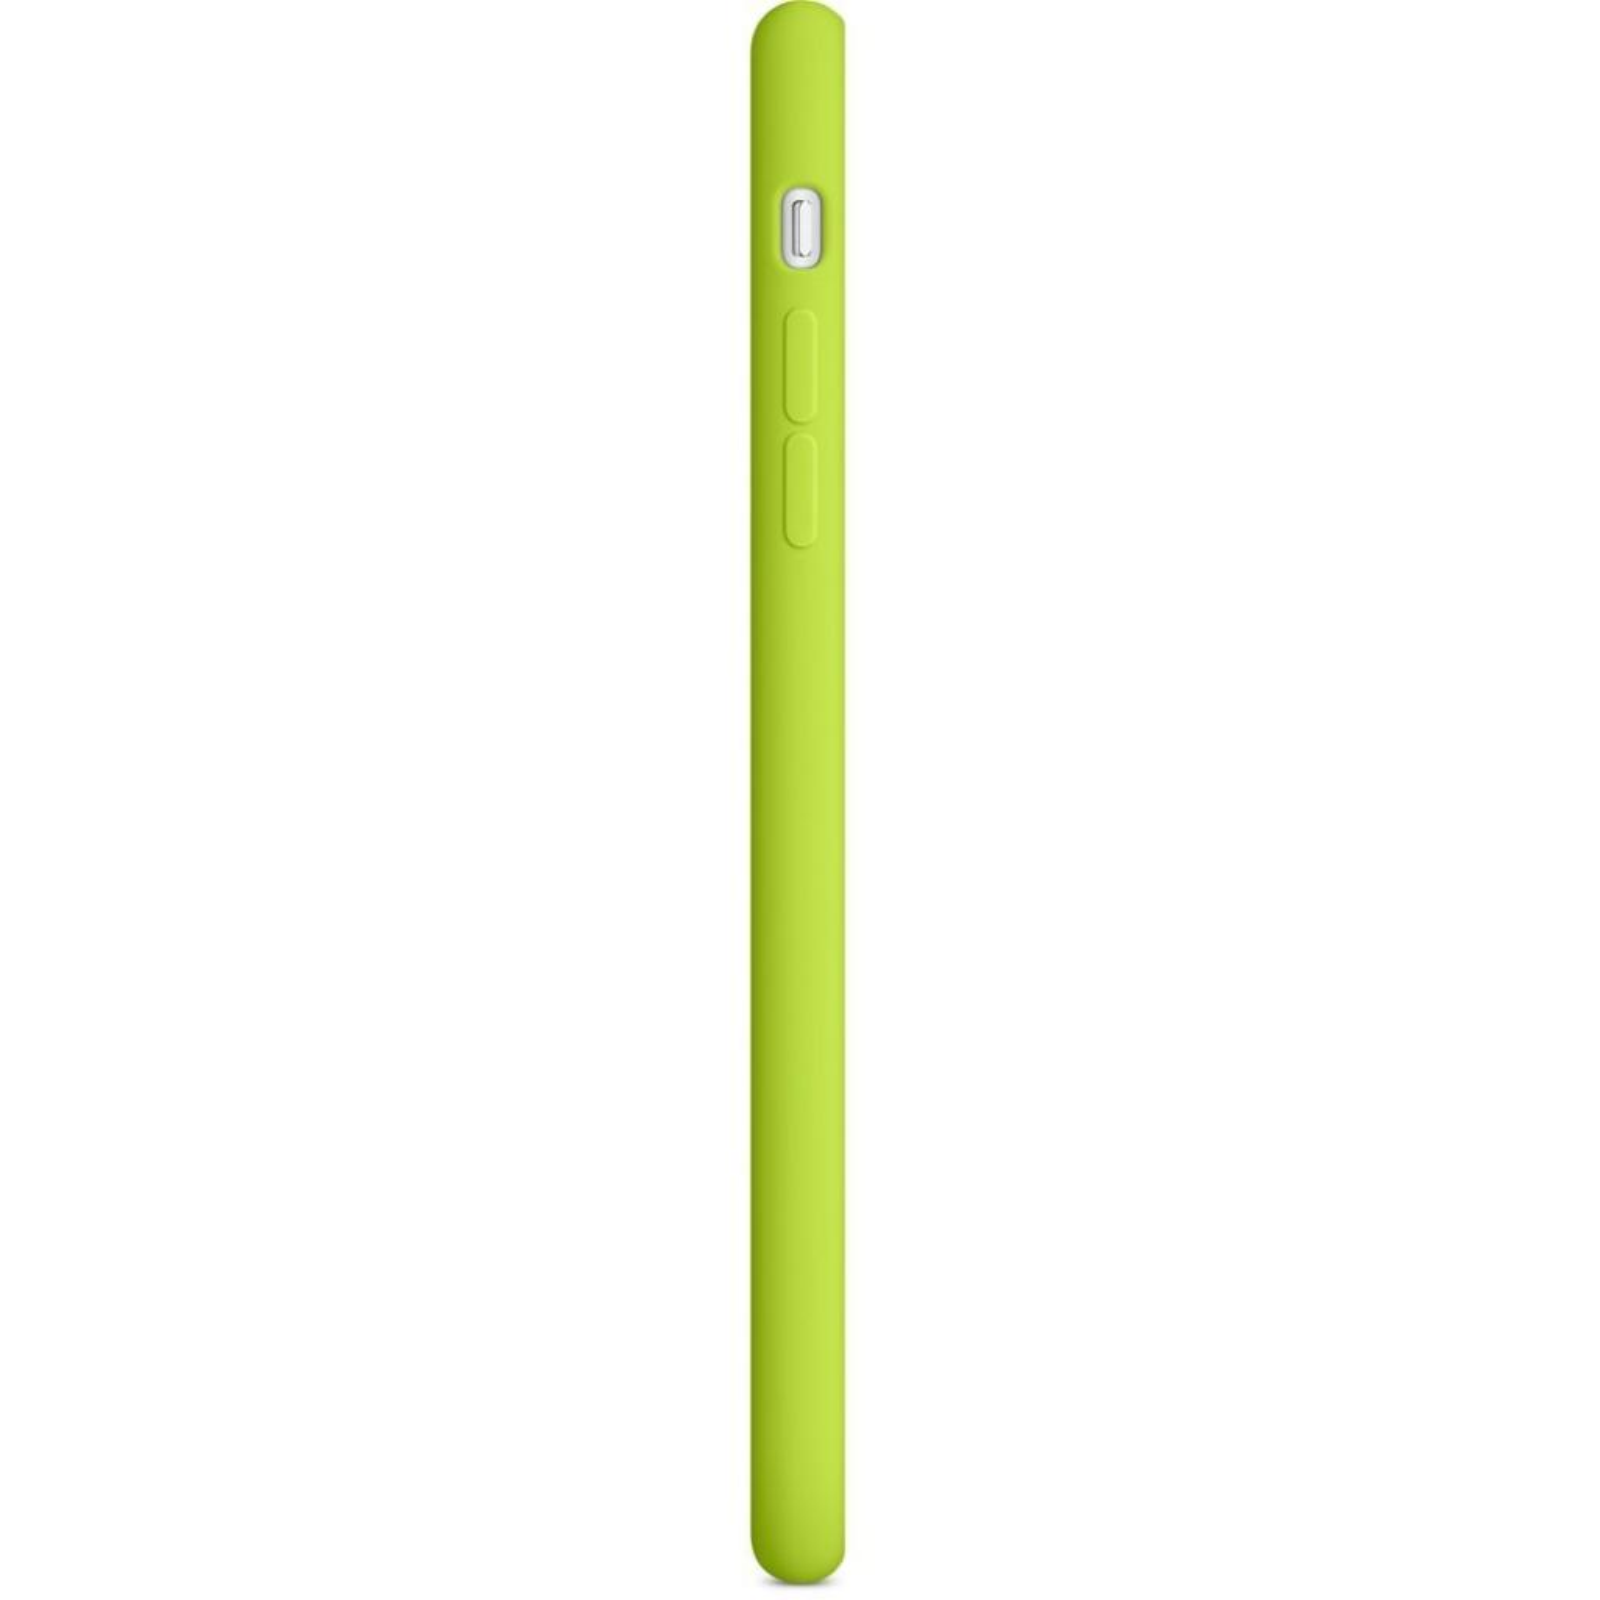 Чехол для моб. телефона Apple для iPhone 6 Plus green (MGXX2ZM/A) изображение 3